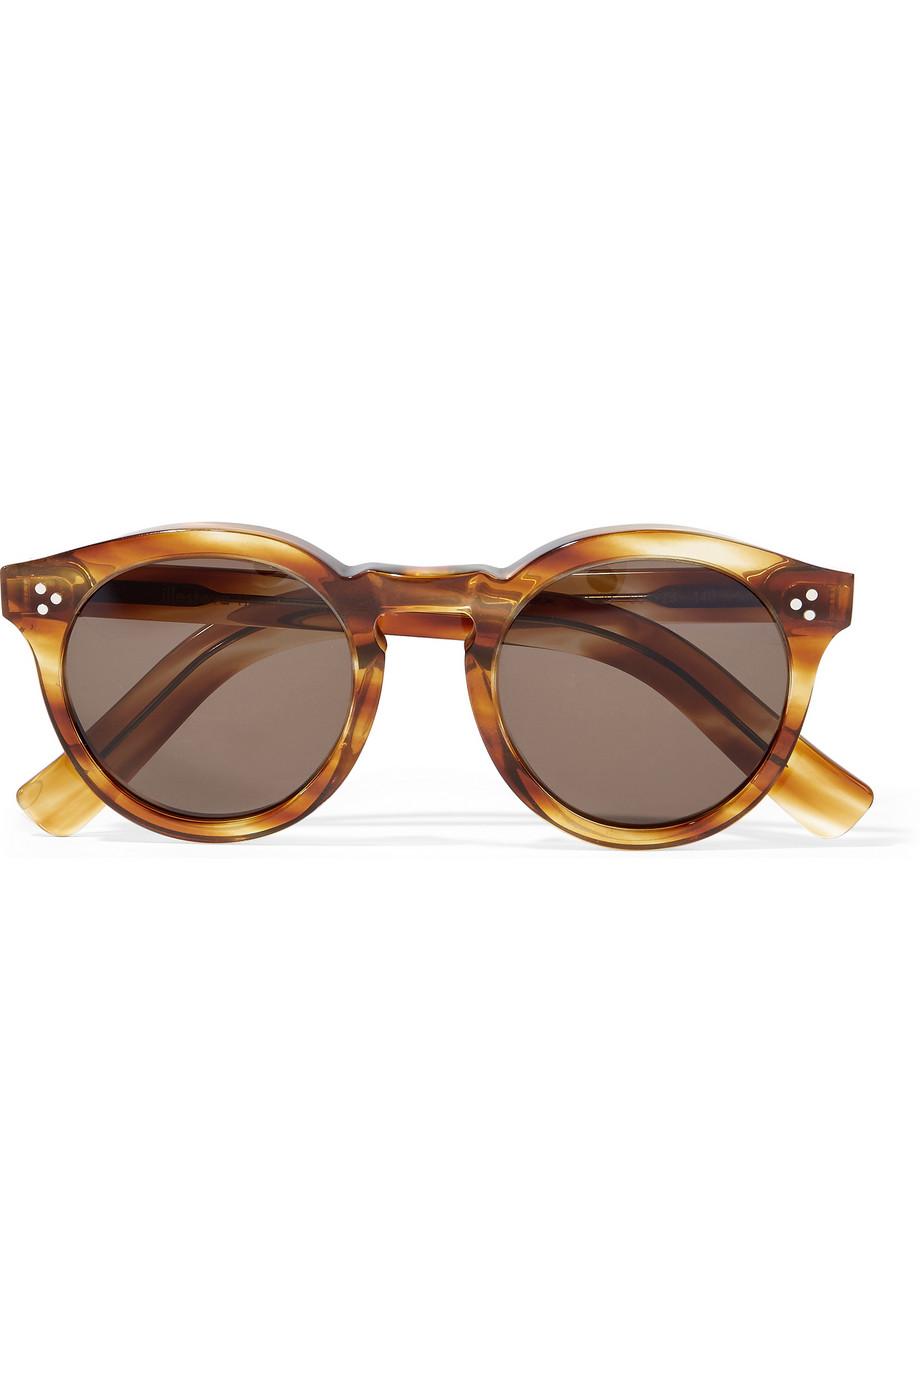 ILLESTEVA Leonard II round-frame acetate sunglasses$290